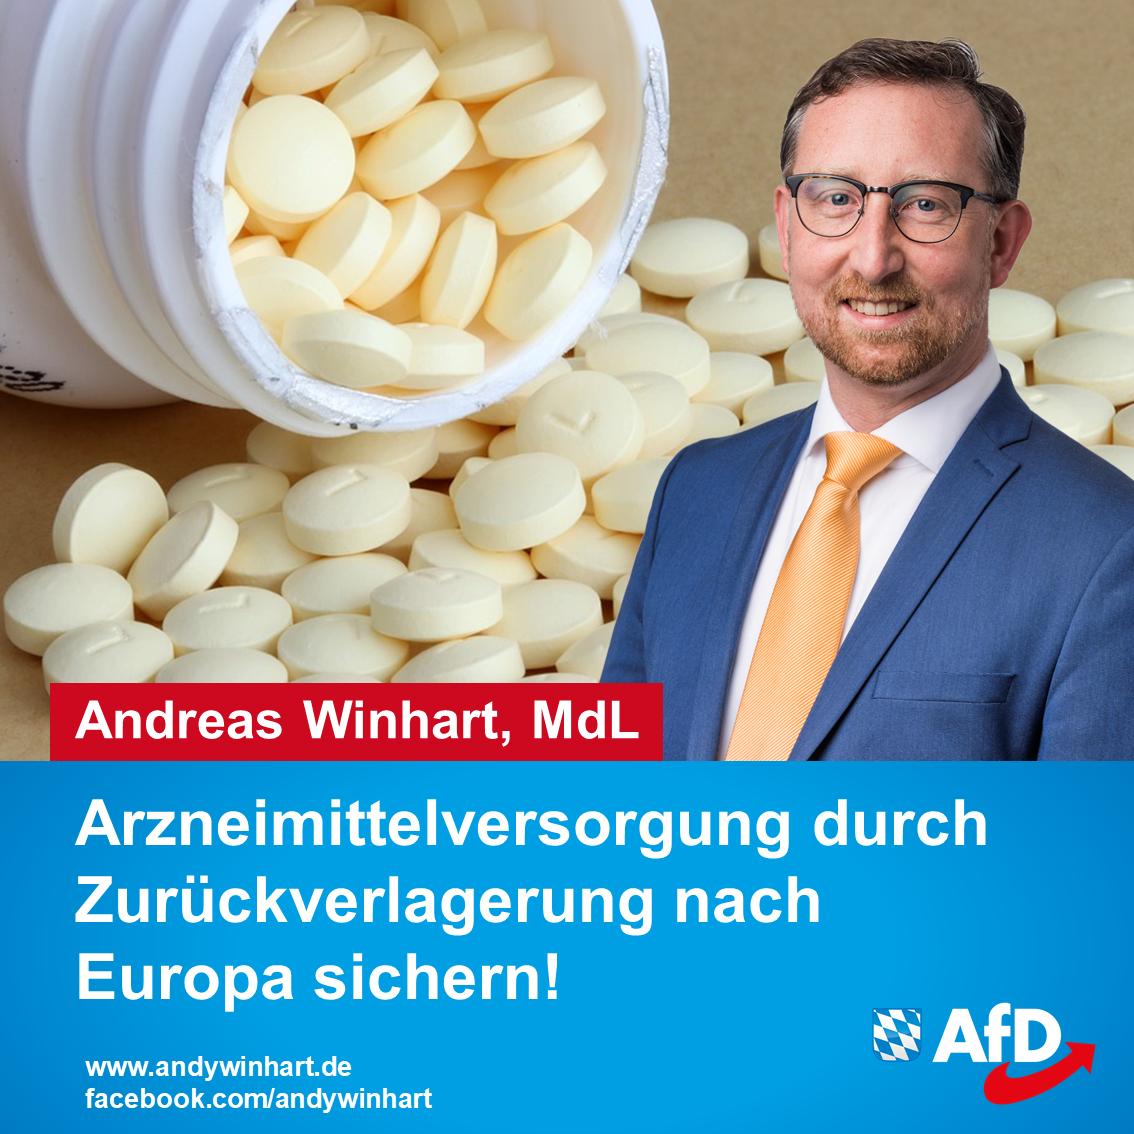 AfD-Antrag für Sicherstellung der Arzneimittelversorgung in Bayern